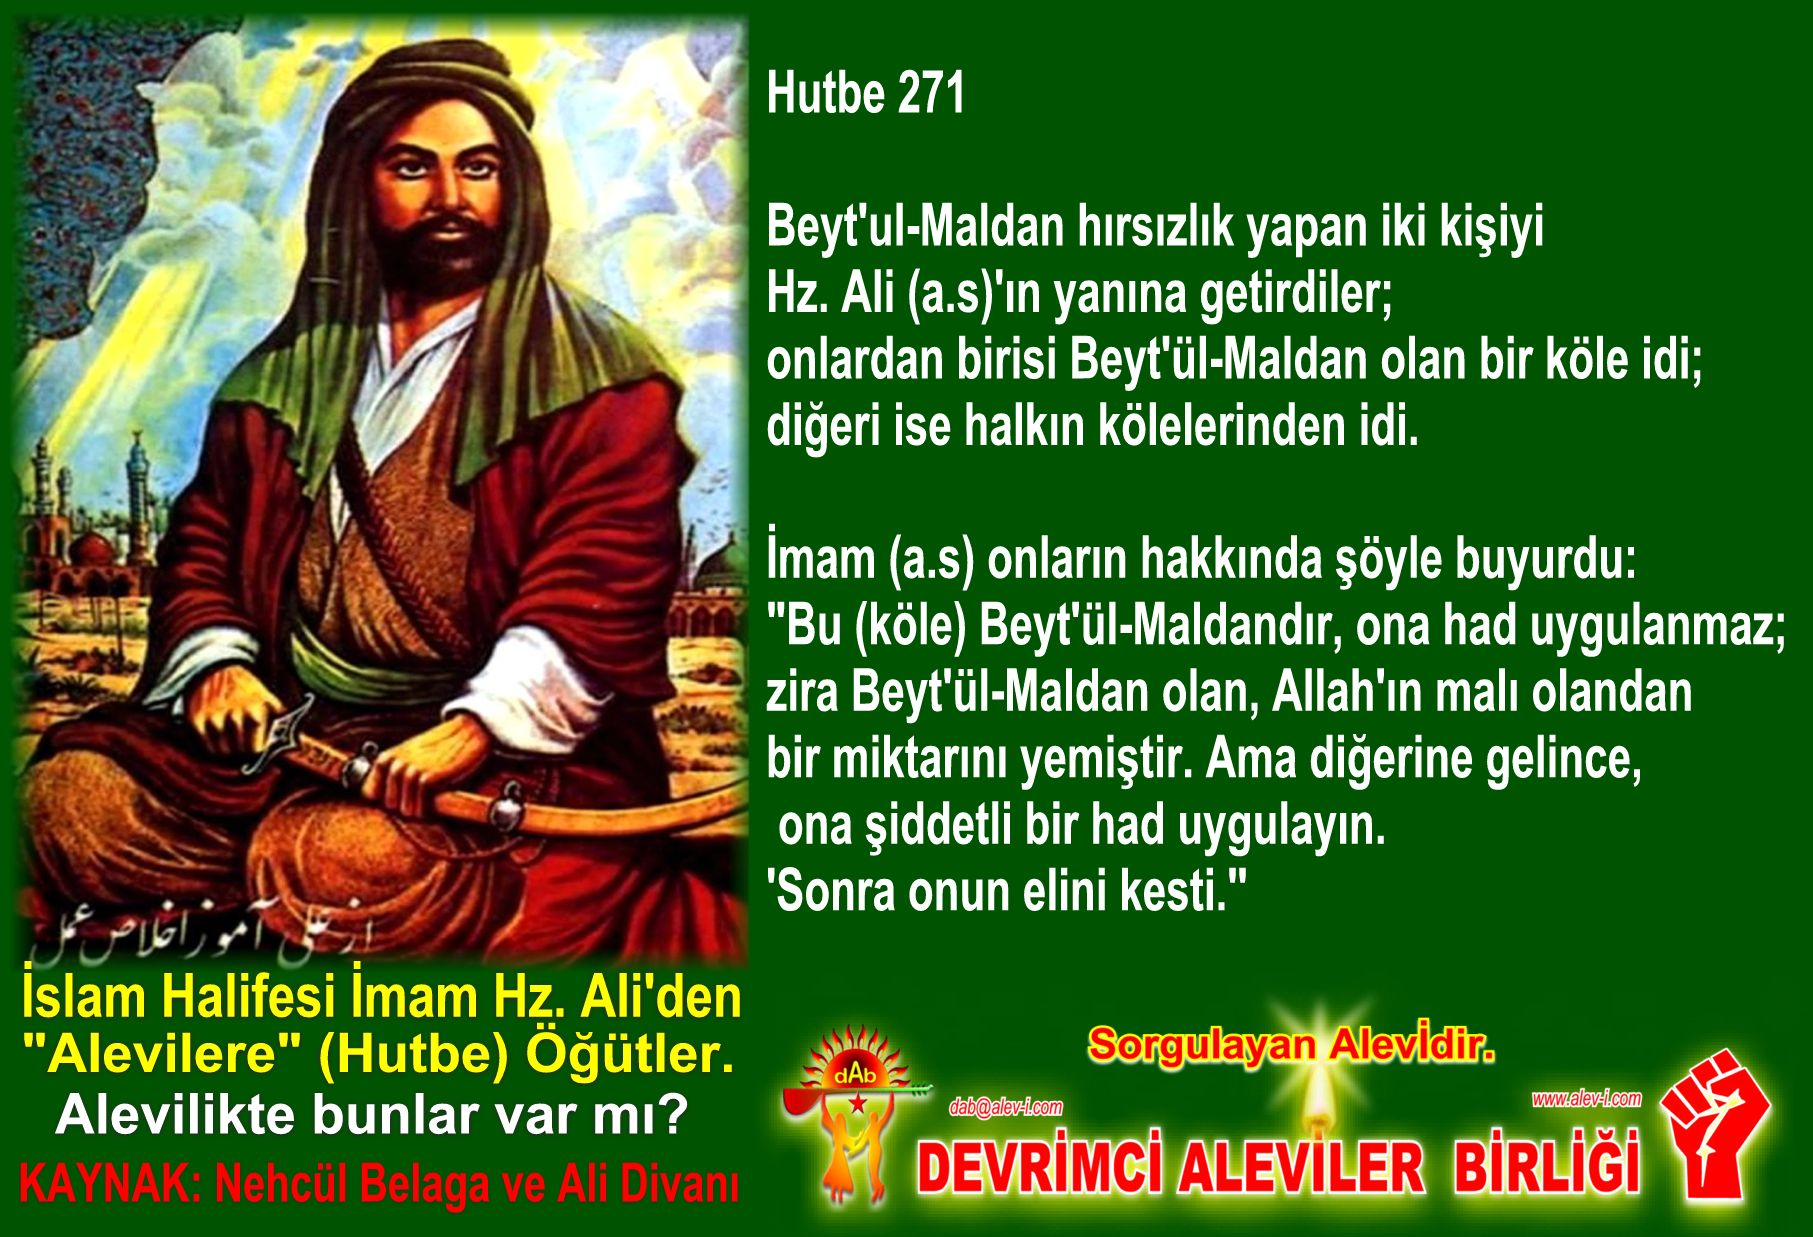 12 Hz imam Ali divani Alevi bektasi kizilbas pir sultan cemevi cem semah devrimci aleviler birligi DAB Feramuz Sah Acar halife imam hz ali den hutbe ogut inciler 10